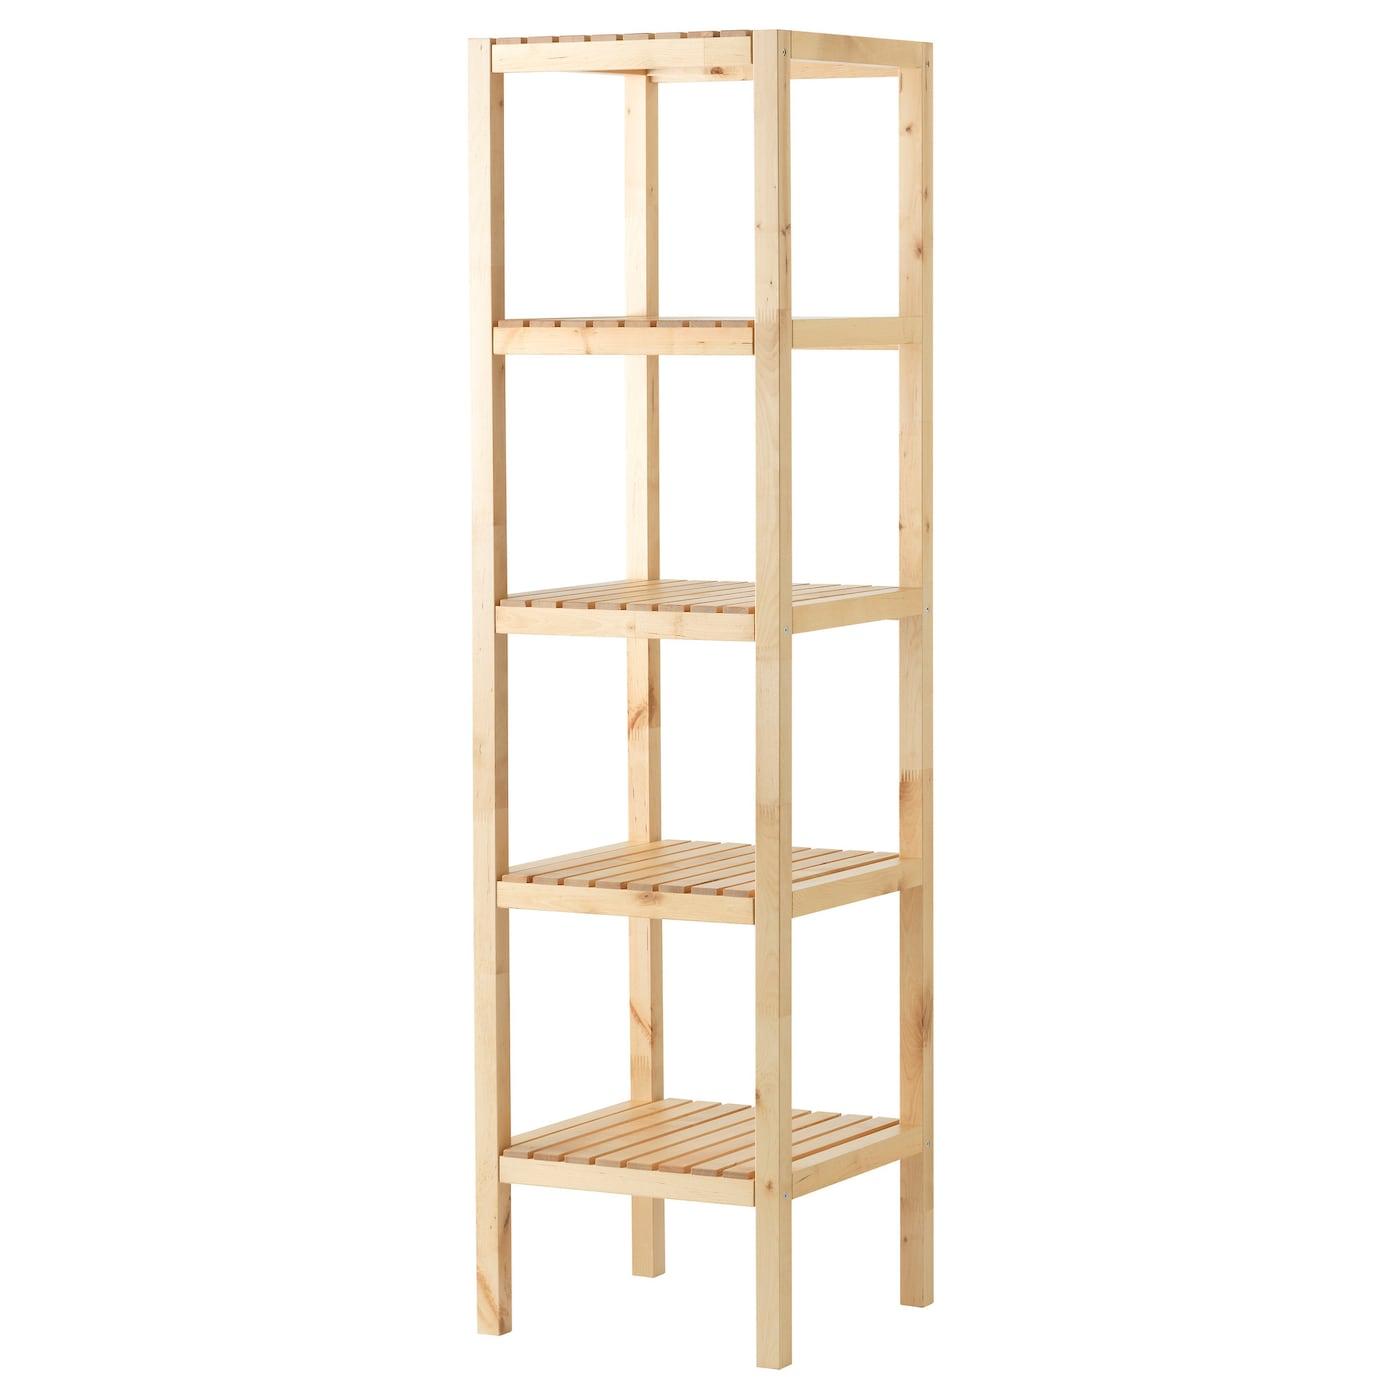 MOLGER Stellingkast Berken 37x140 cm - IKEA